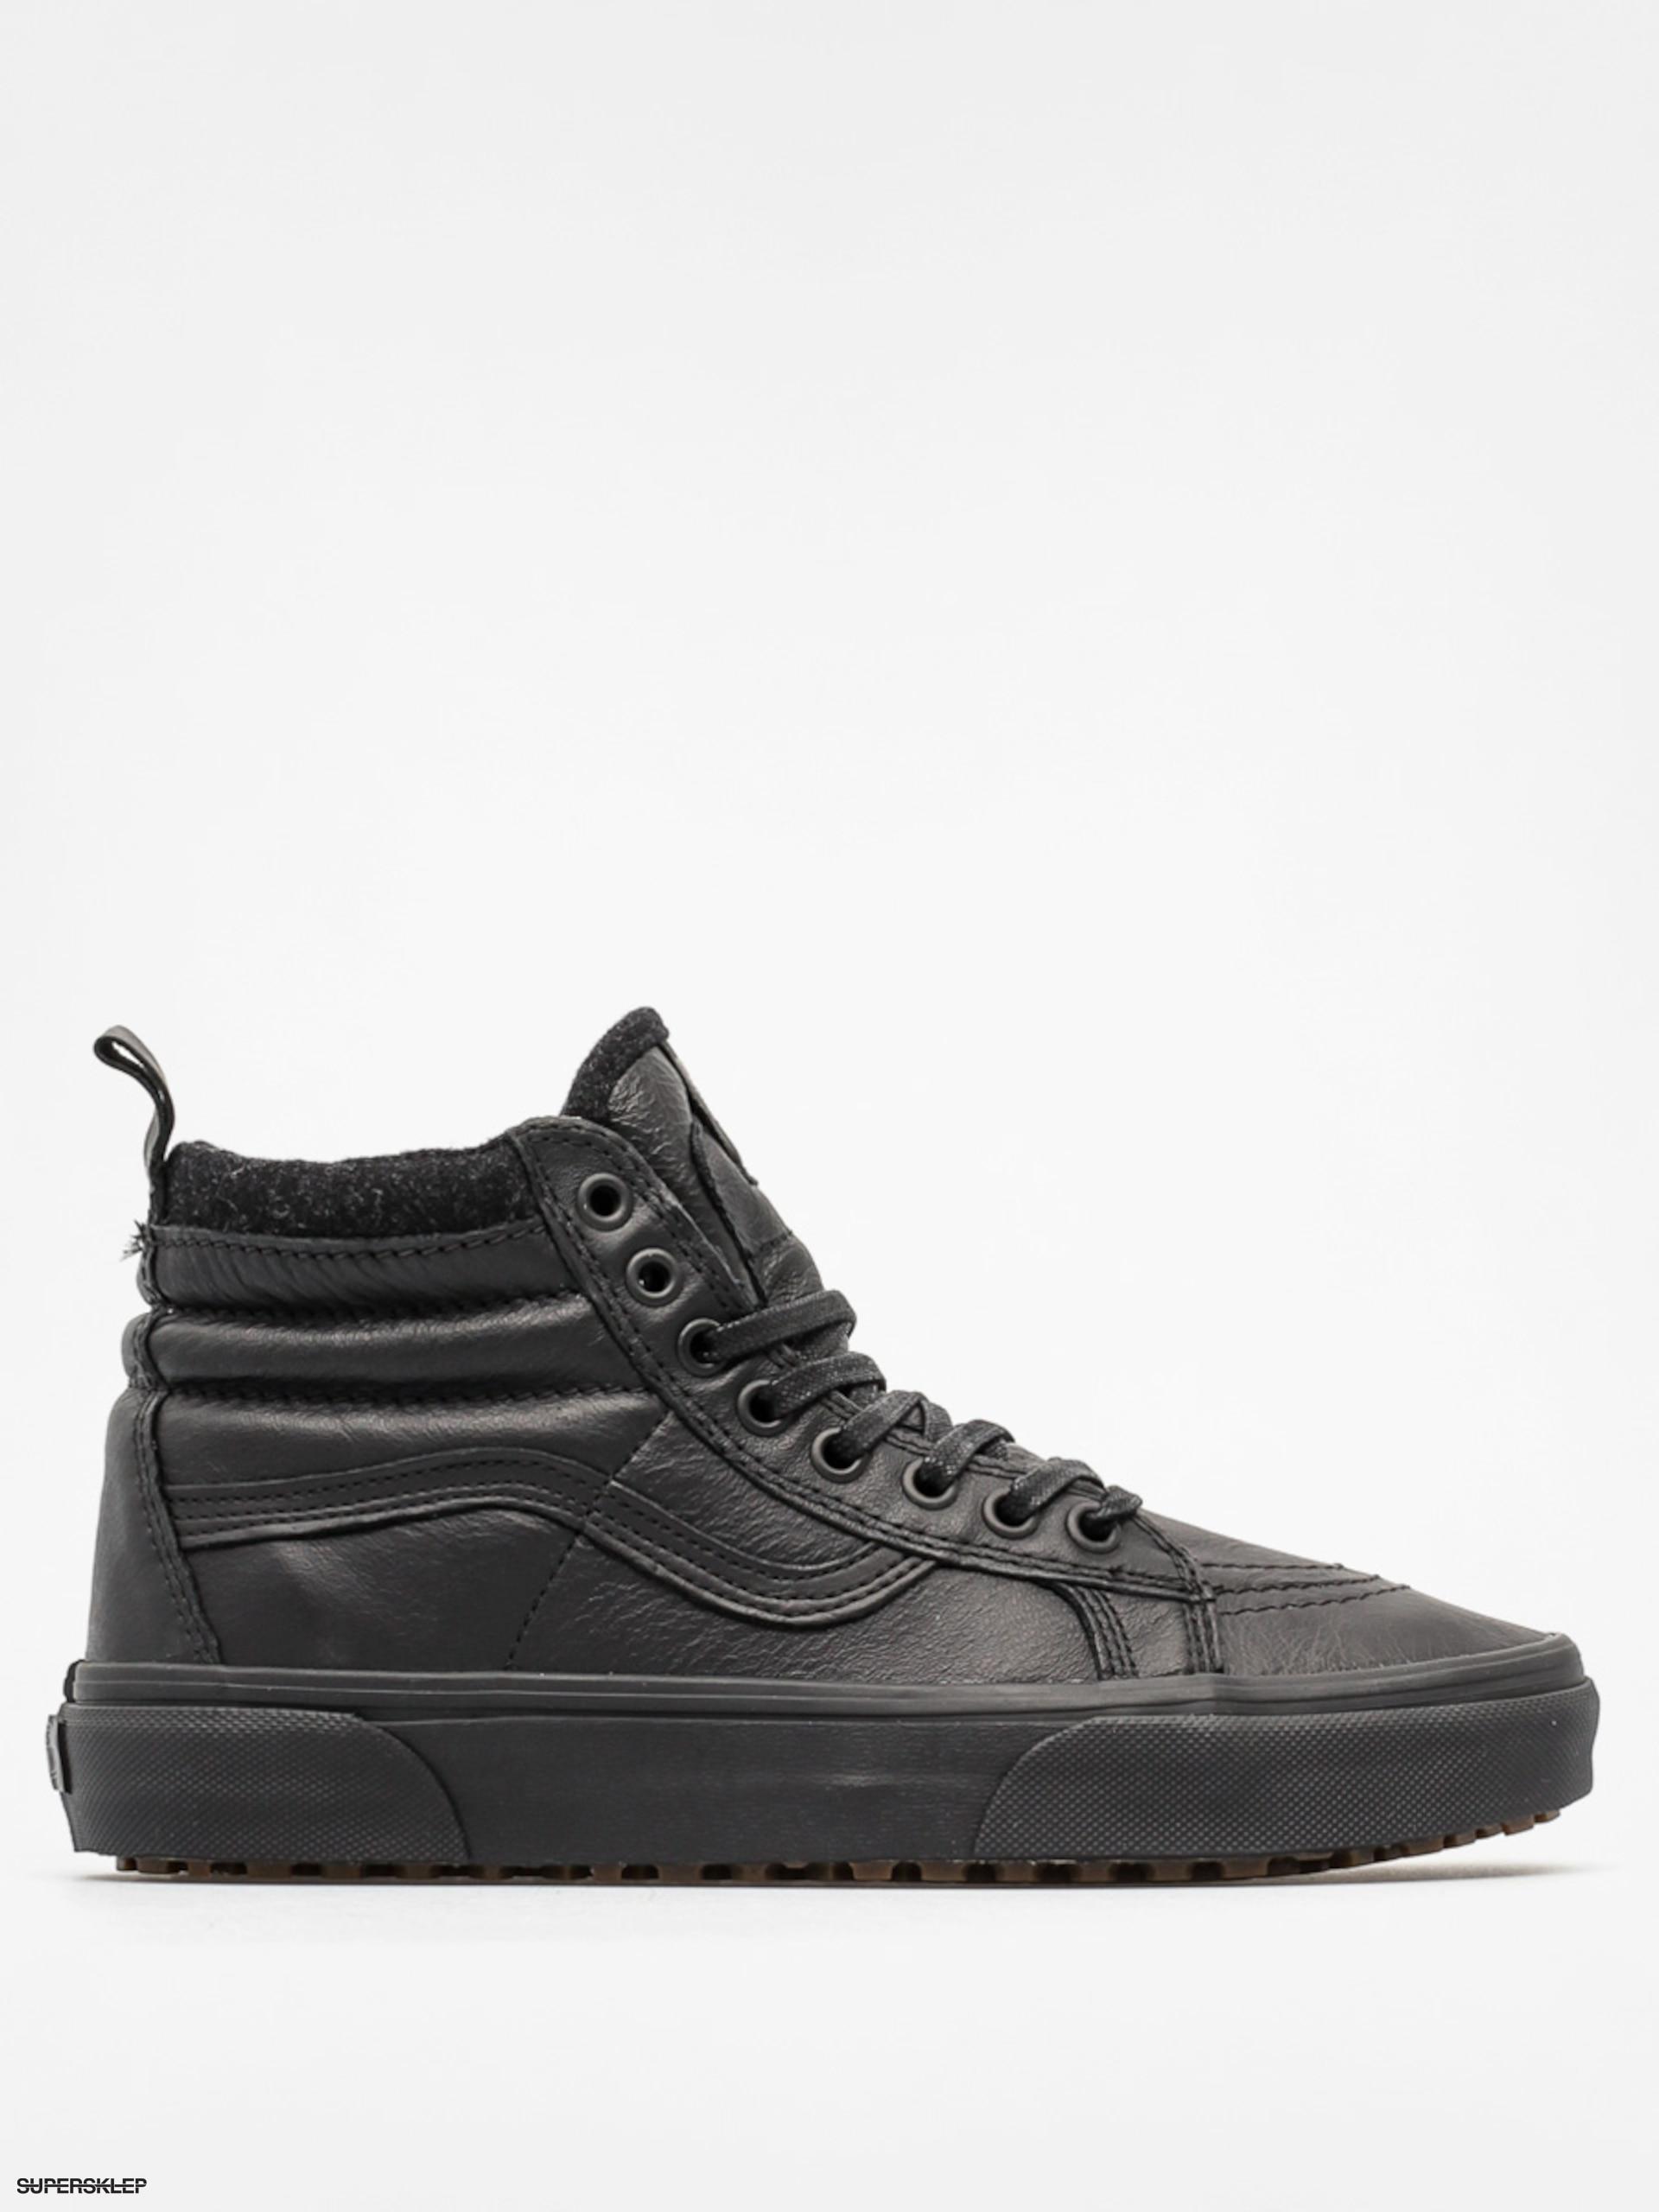 Boty Vans Sk8 Hi Mte (mte black leather) 7ffd668f28